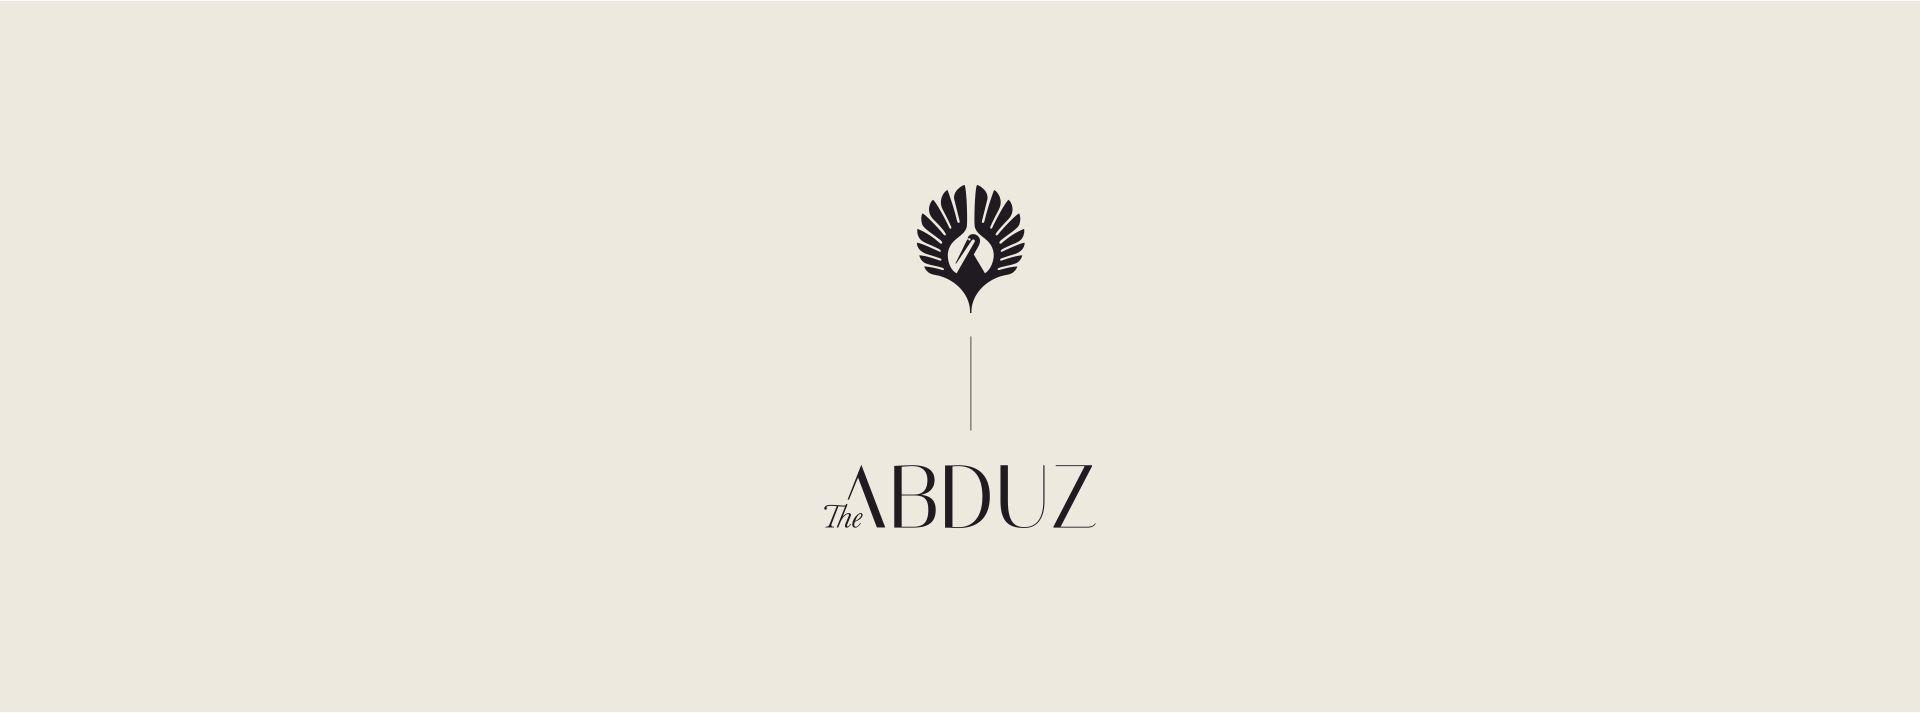 logo design for the abduz ladakh